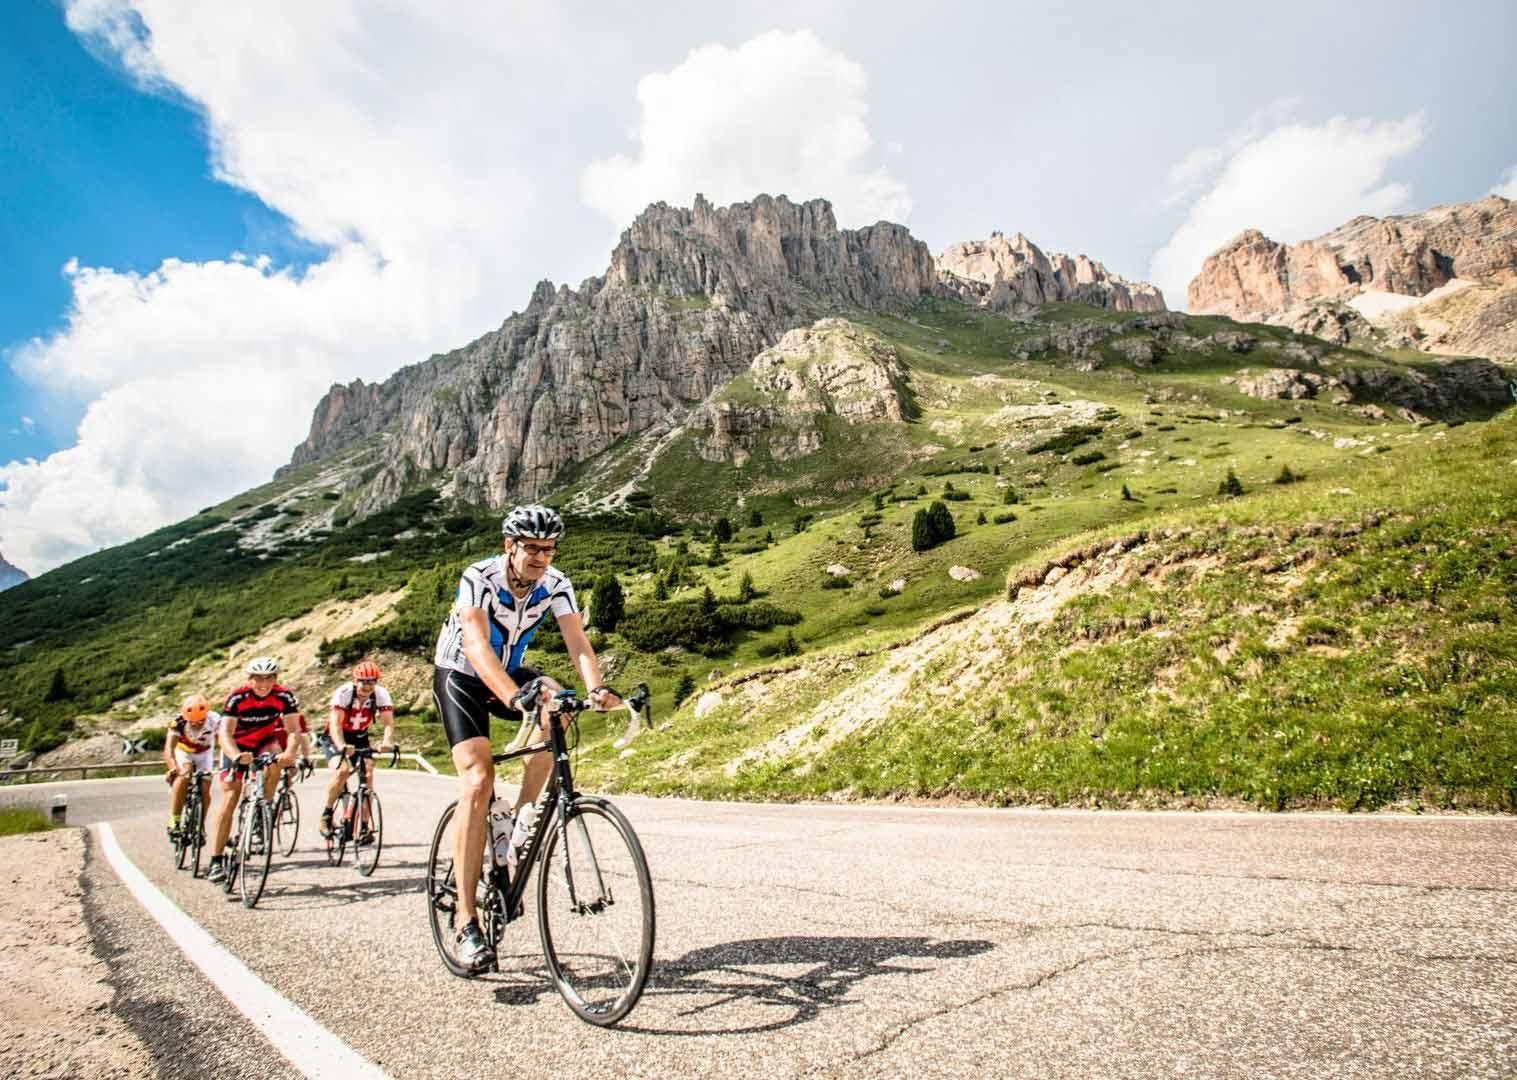 Viaje organizado de cicloturismo en Europa